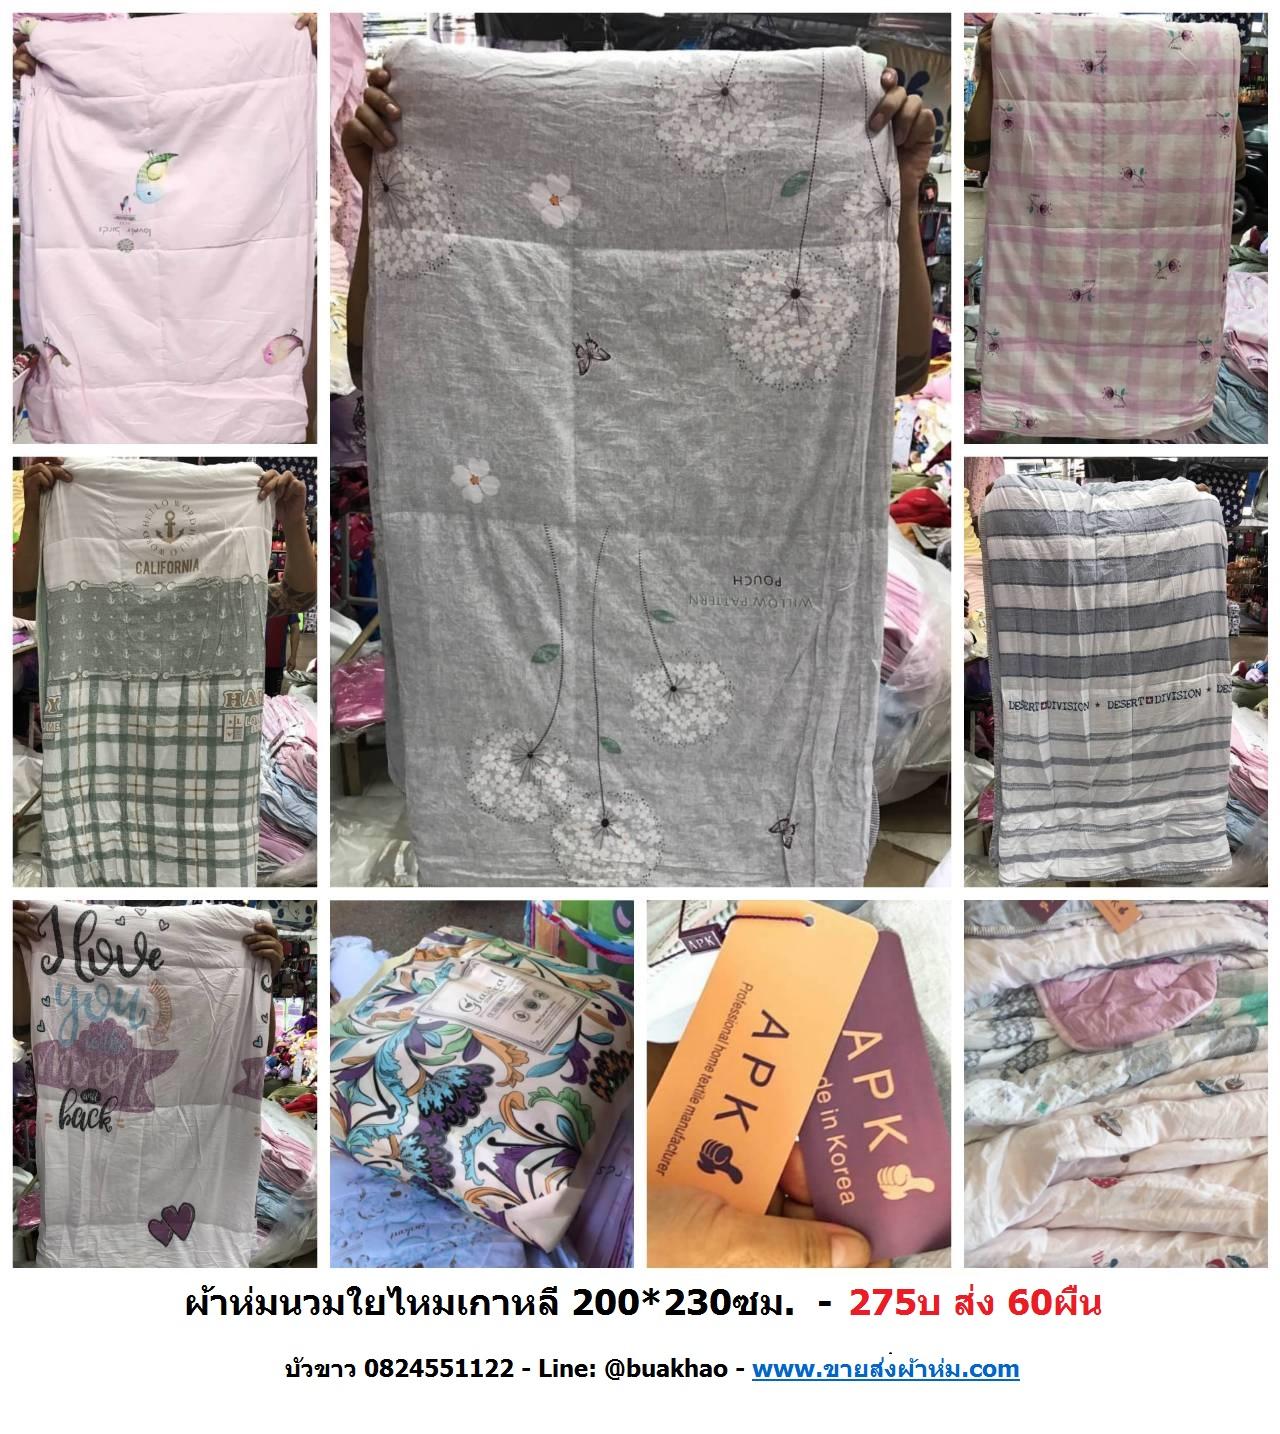 ผ้าห่มนวมใยไหมเกาหลี 200*230ซม ผืนละ 275บ ส่ง 60ผืน